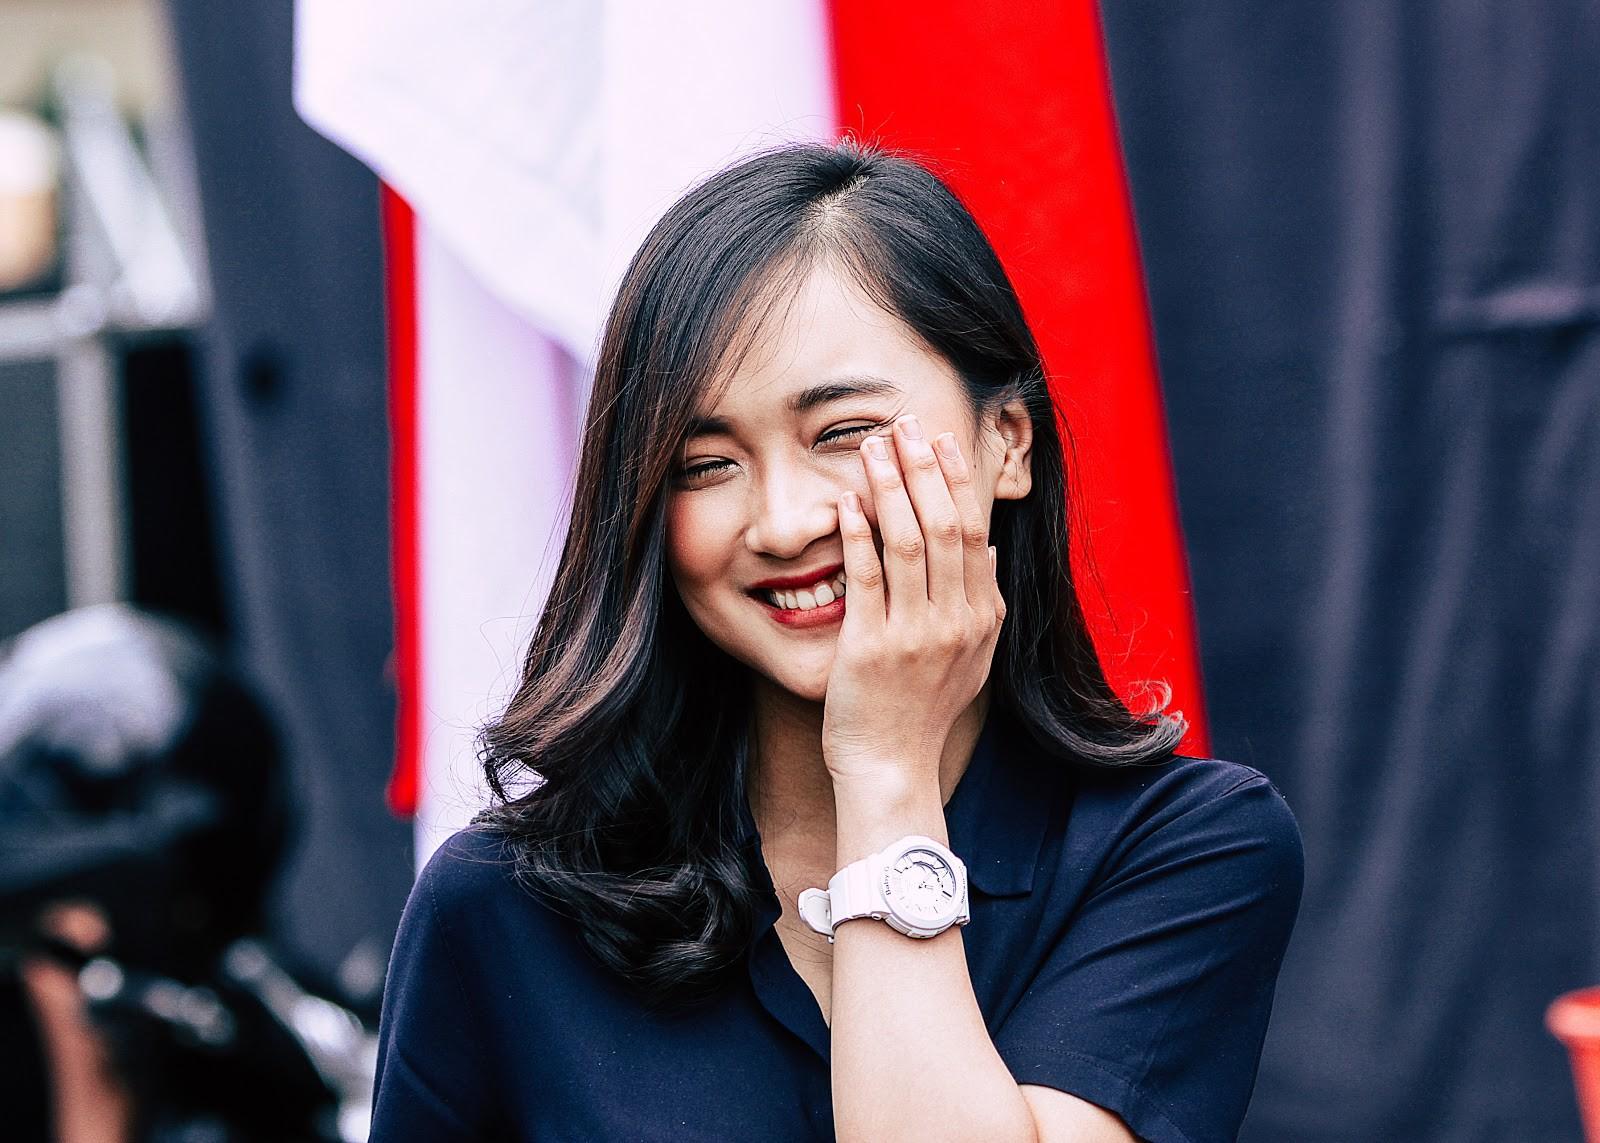 Khảo sát tại 164 quốc gia: Người Việt Nam sẽ cảm thấy hài lòng với cuộc sống nếu kiếm được 1,6 tỷ đồng/năm - Ảnh 1.